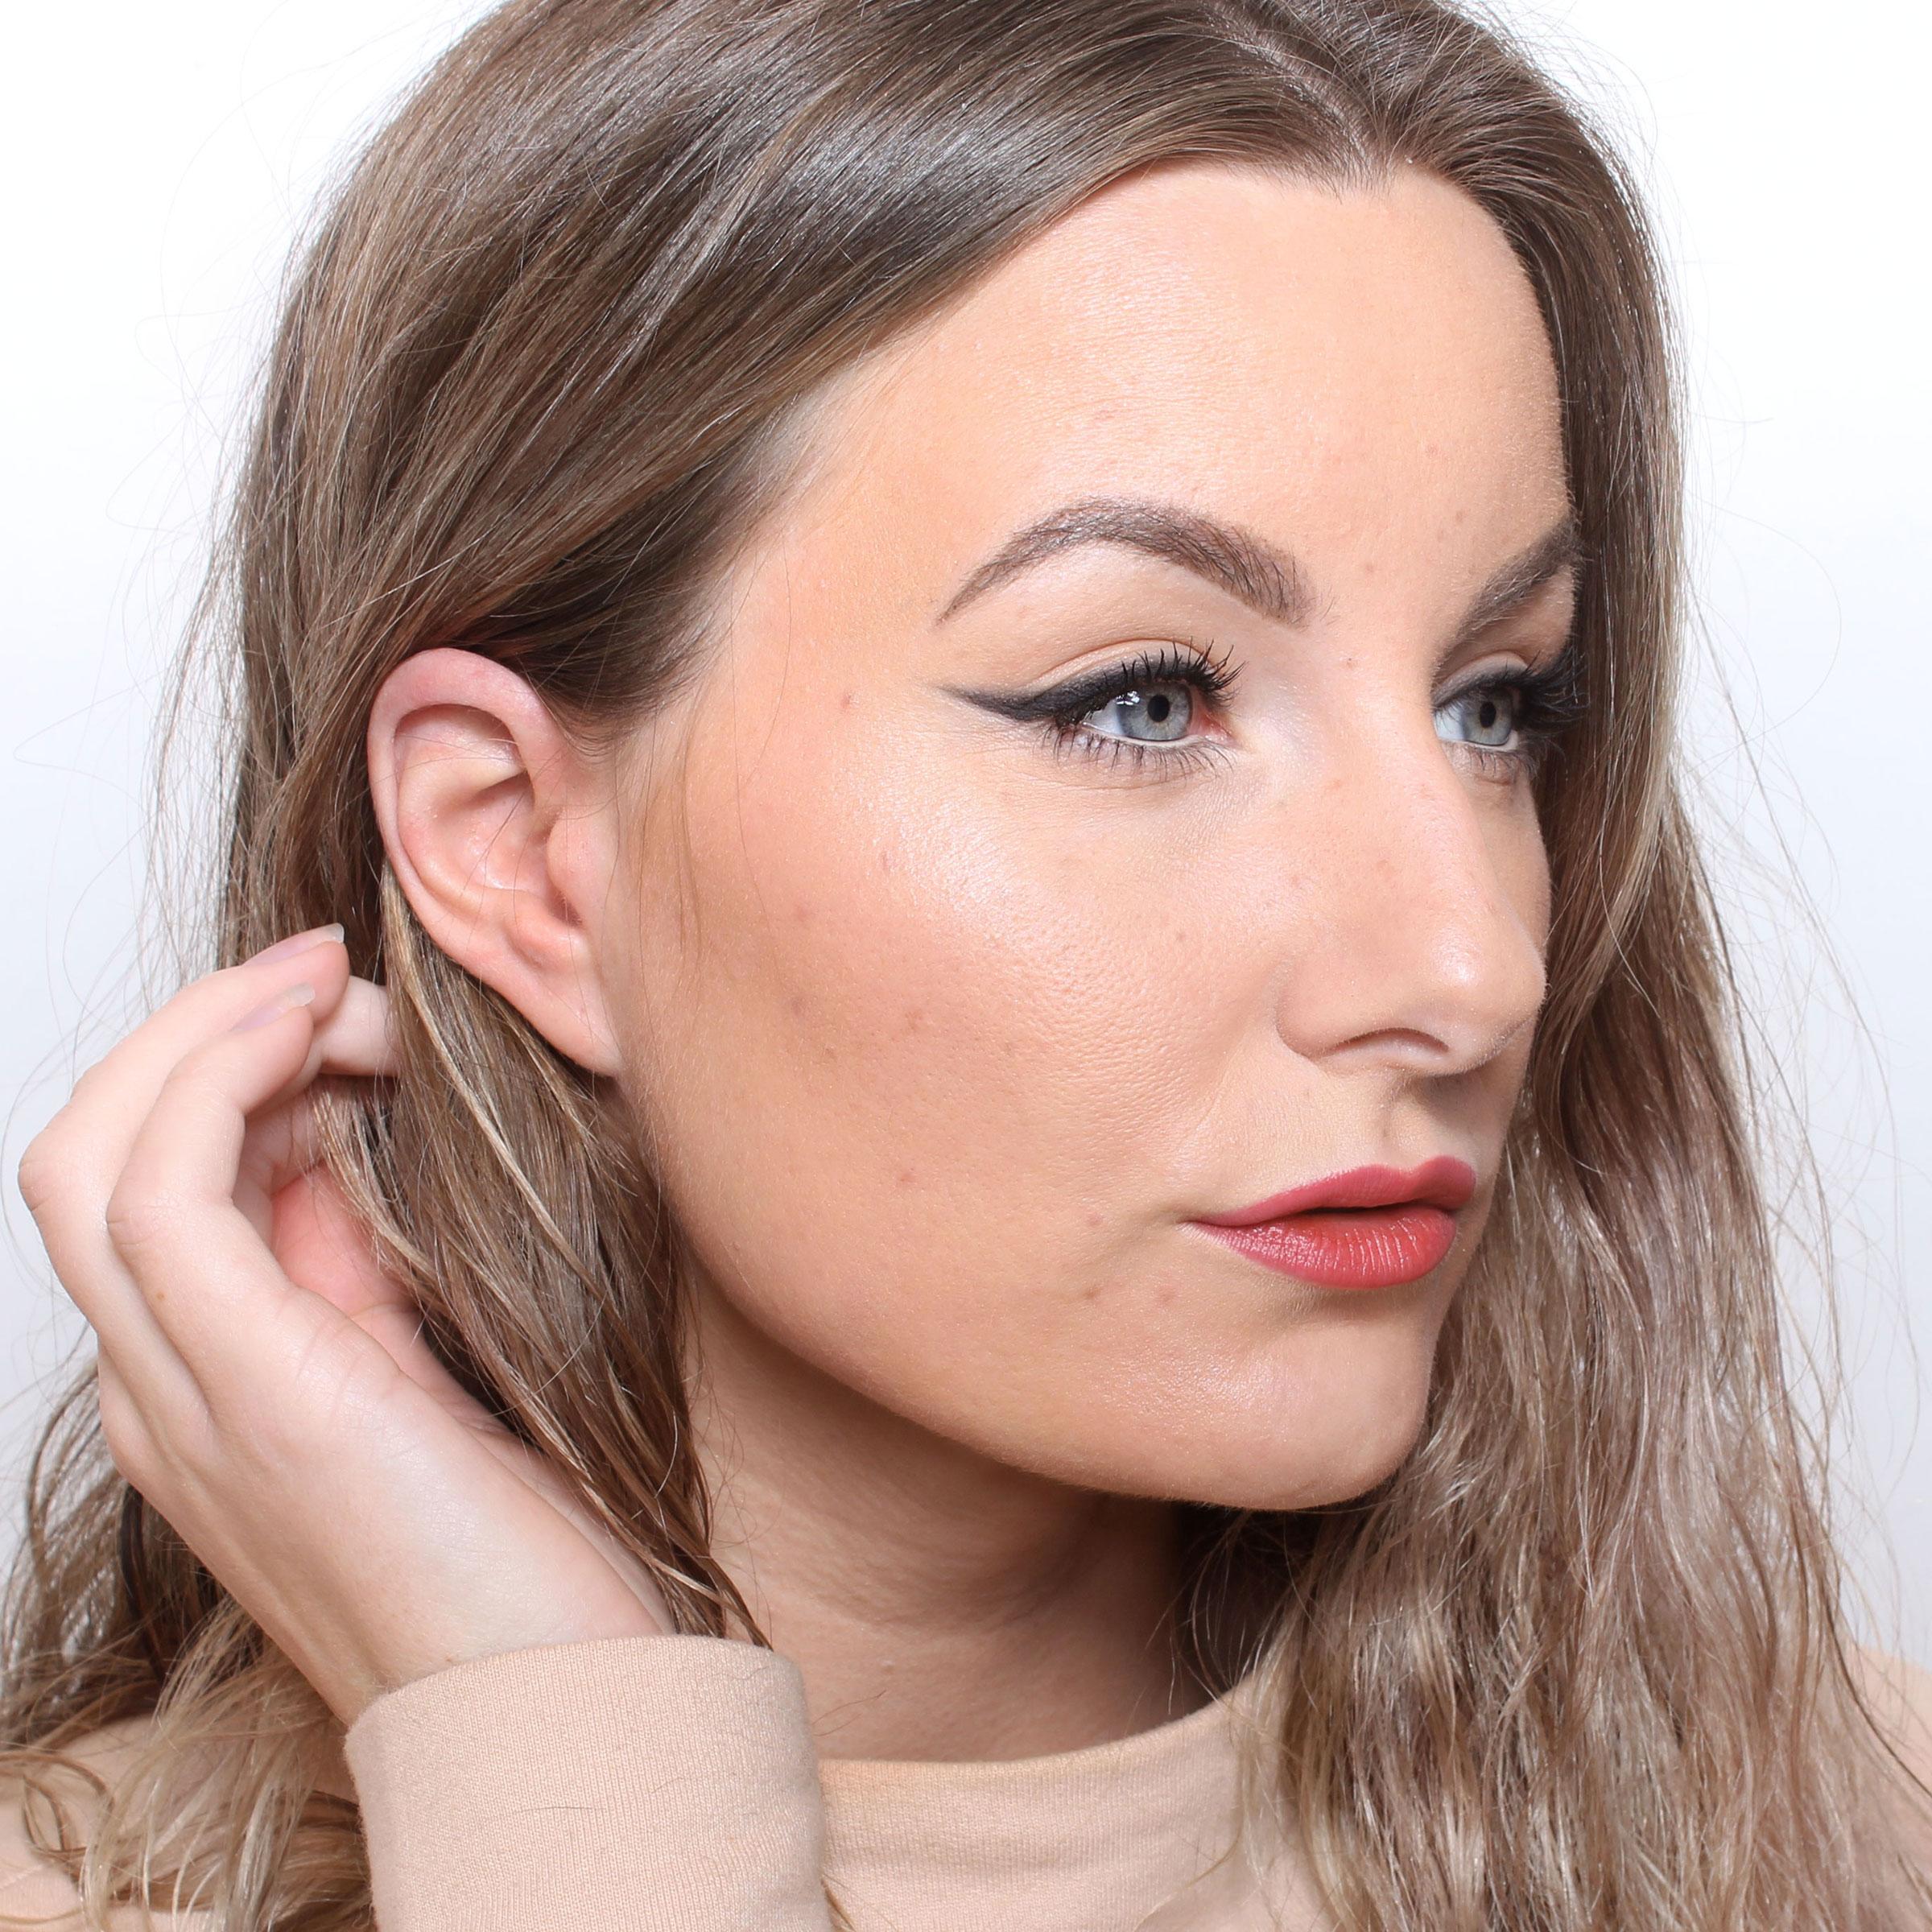 eyeliner + läppar